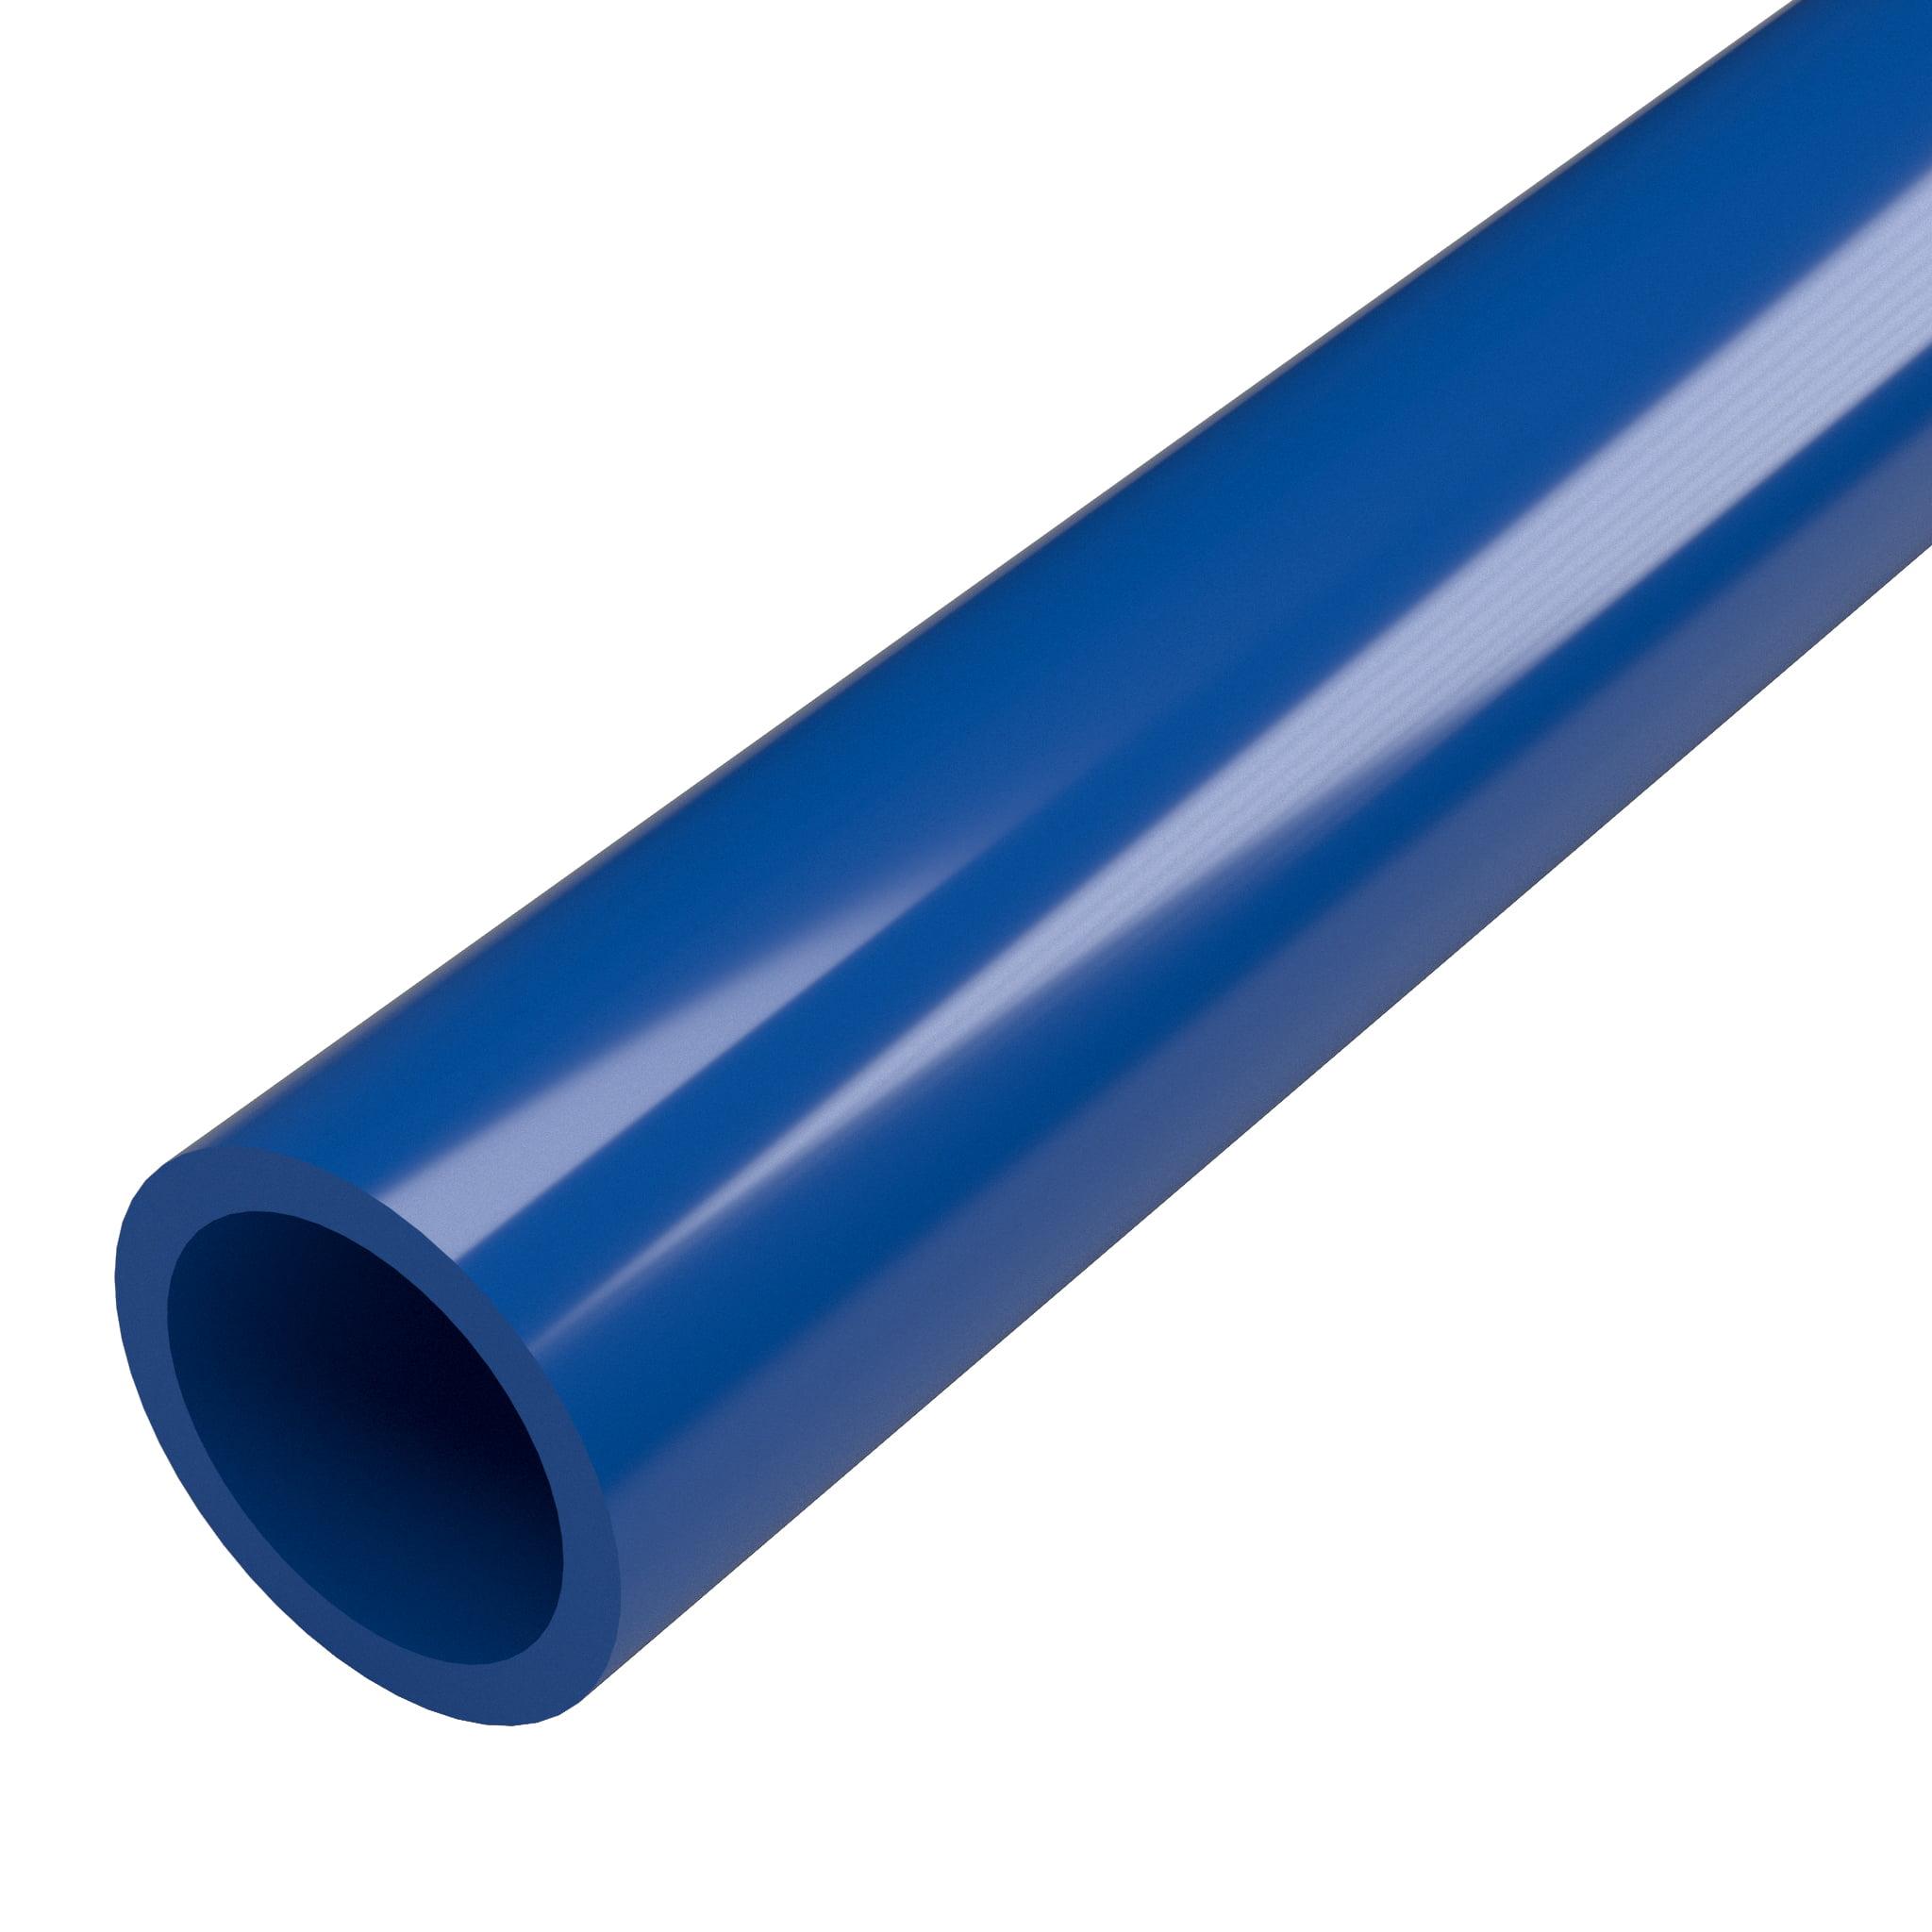 """FORMUFIT P114FGP-BL-5 Schedule 40 PVC Pipe, Furniture Grade, 5-Feet, 1-1/4"""" Size, Blue"""